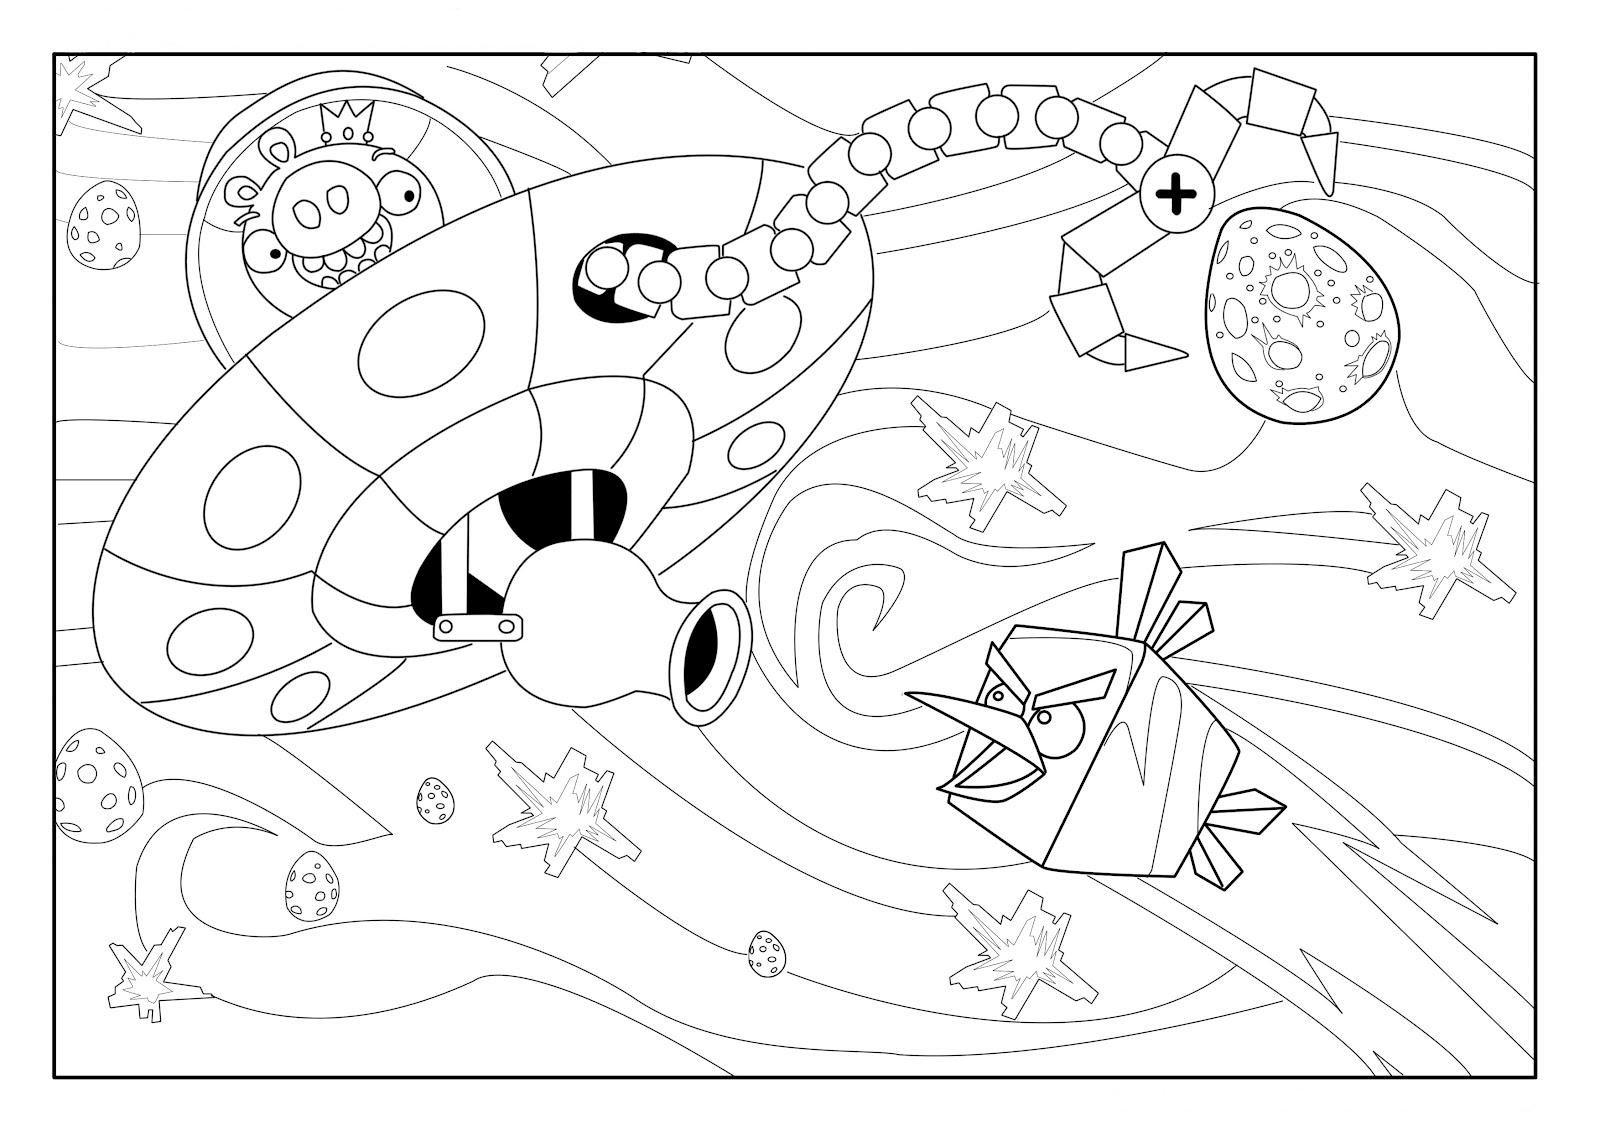 imagenes gratis para colorear de los angry birds space | Dibujos ...